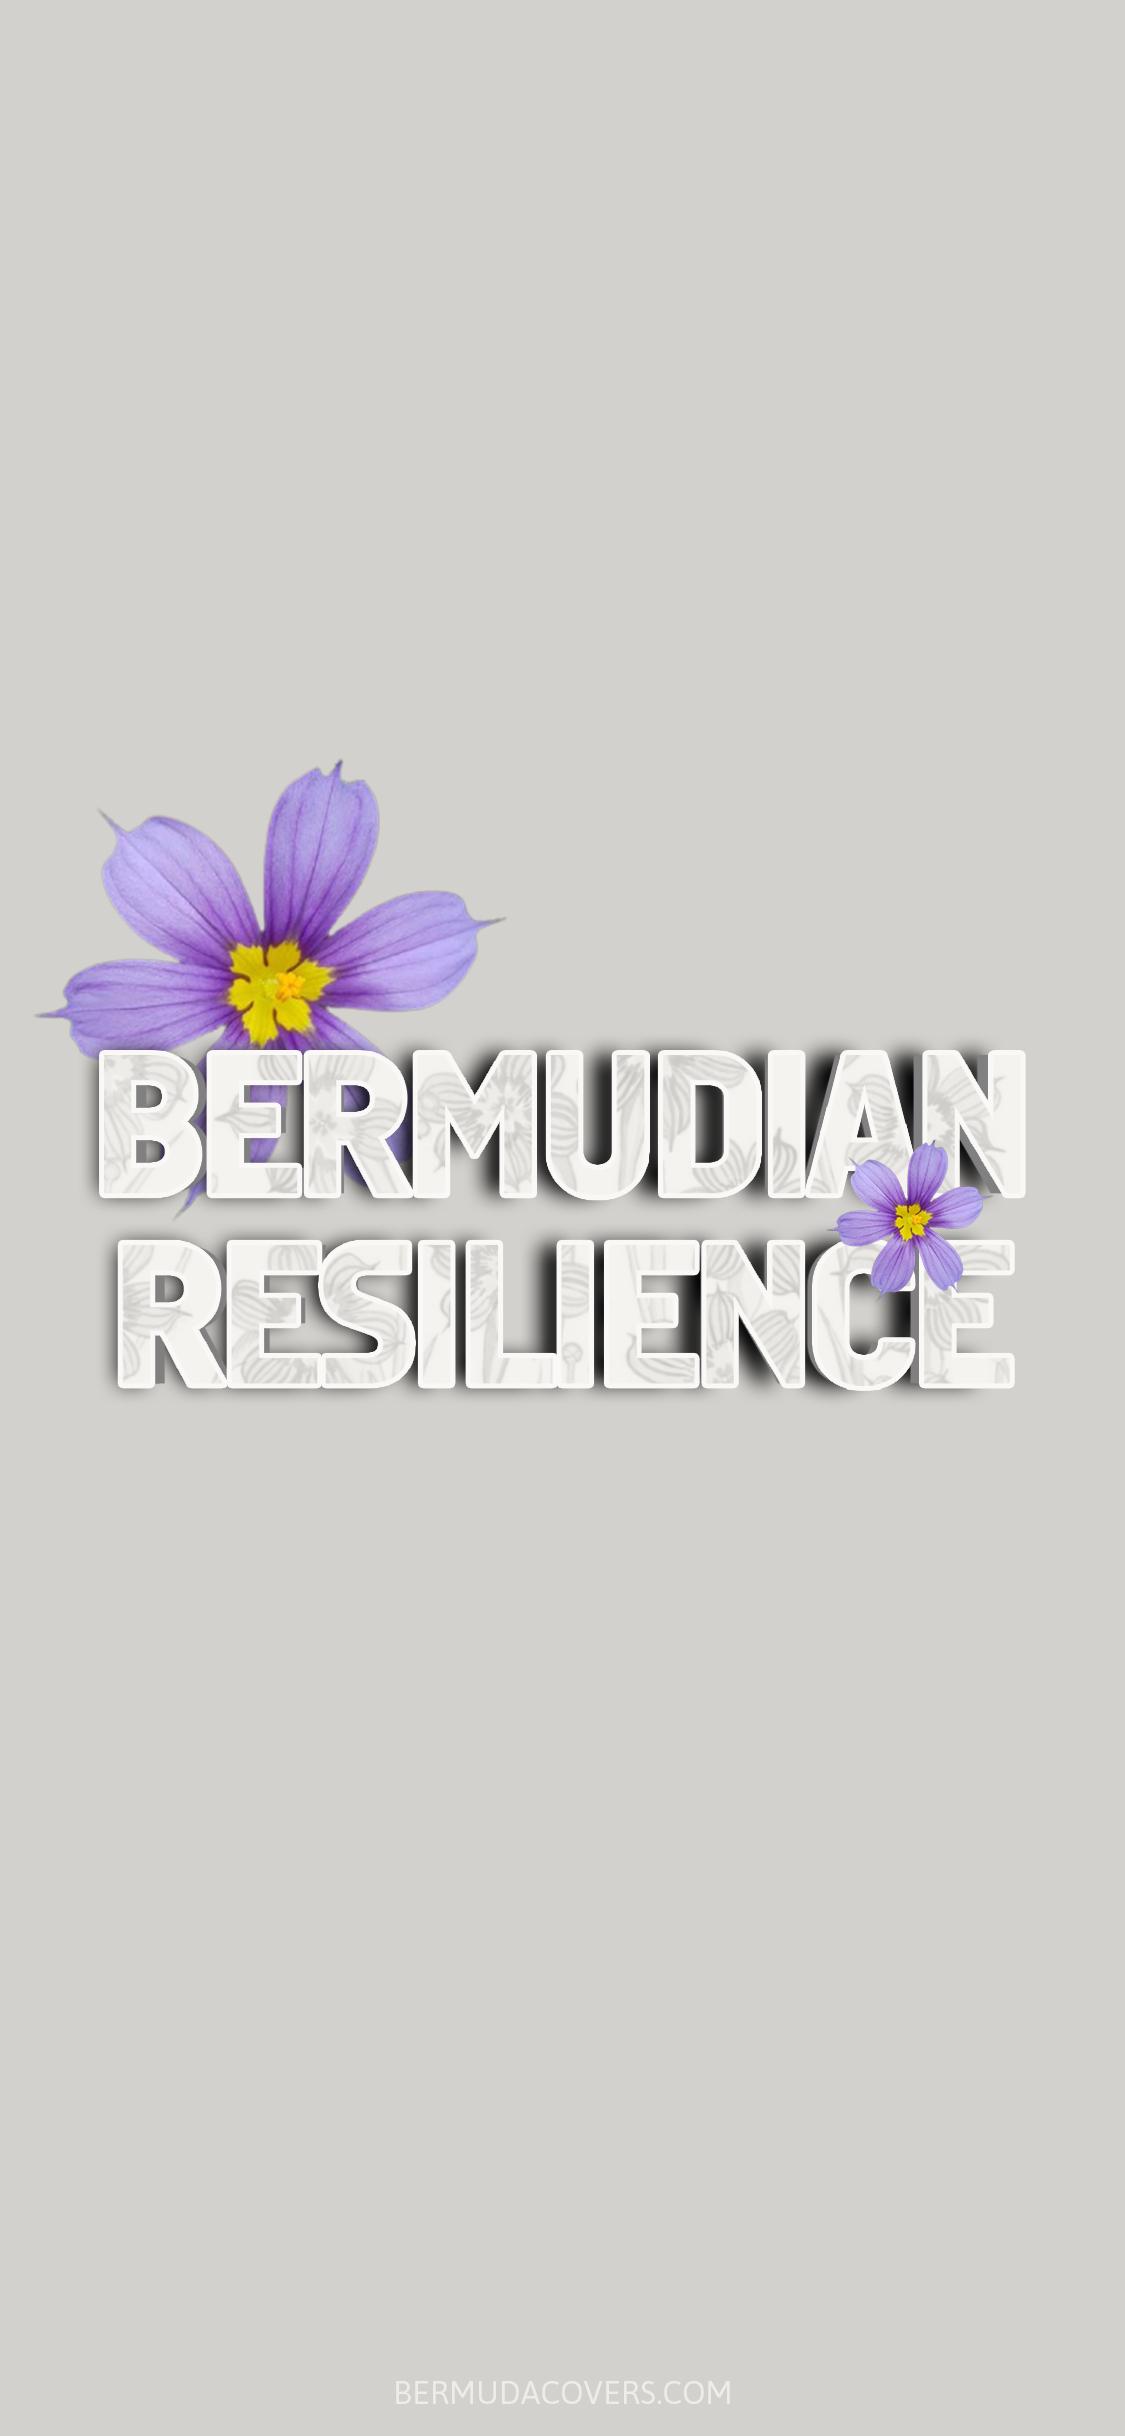 Bermudian-resilience-Bermudiana-Bernews-Mobile-phone-wallpaper-lock-screen-design-image-photo-Ws5VvBua